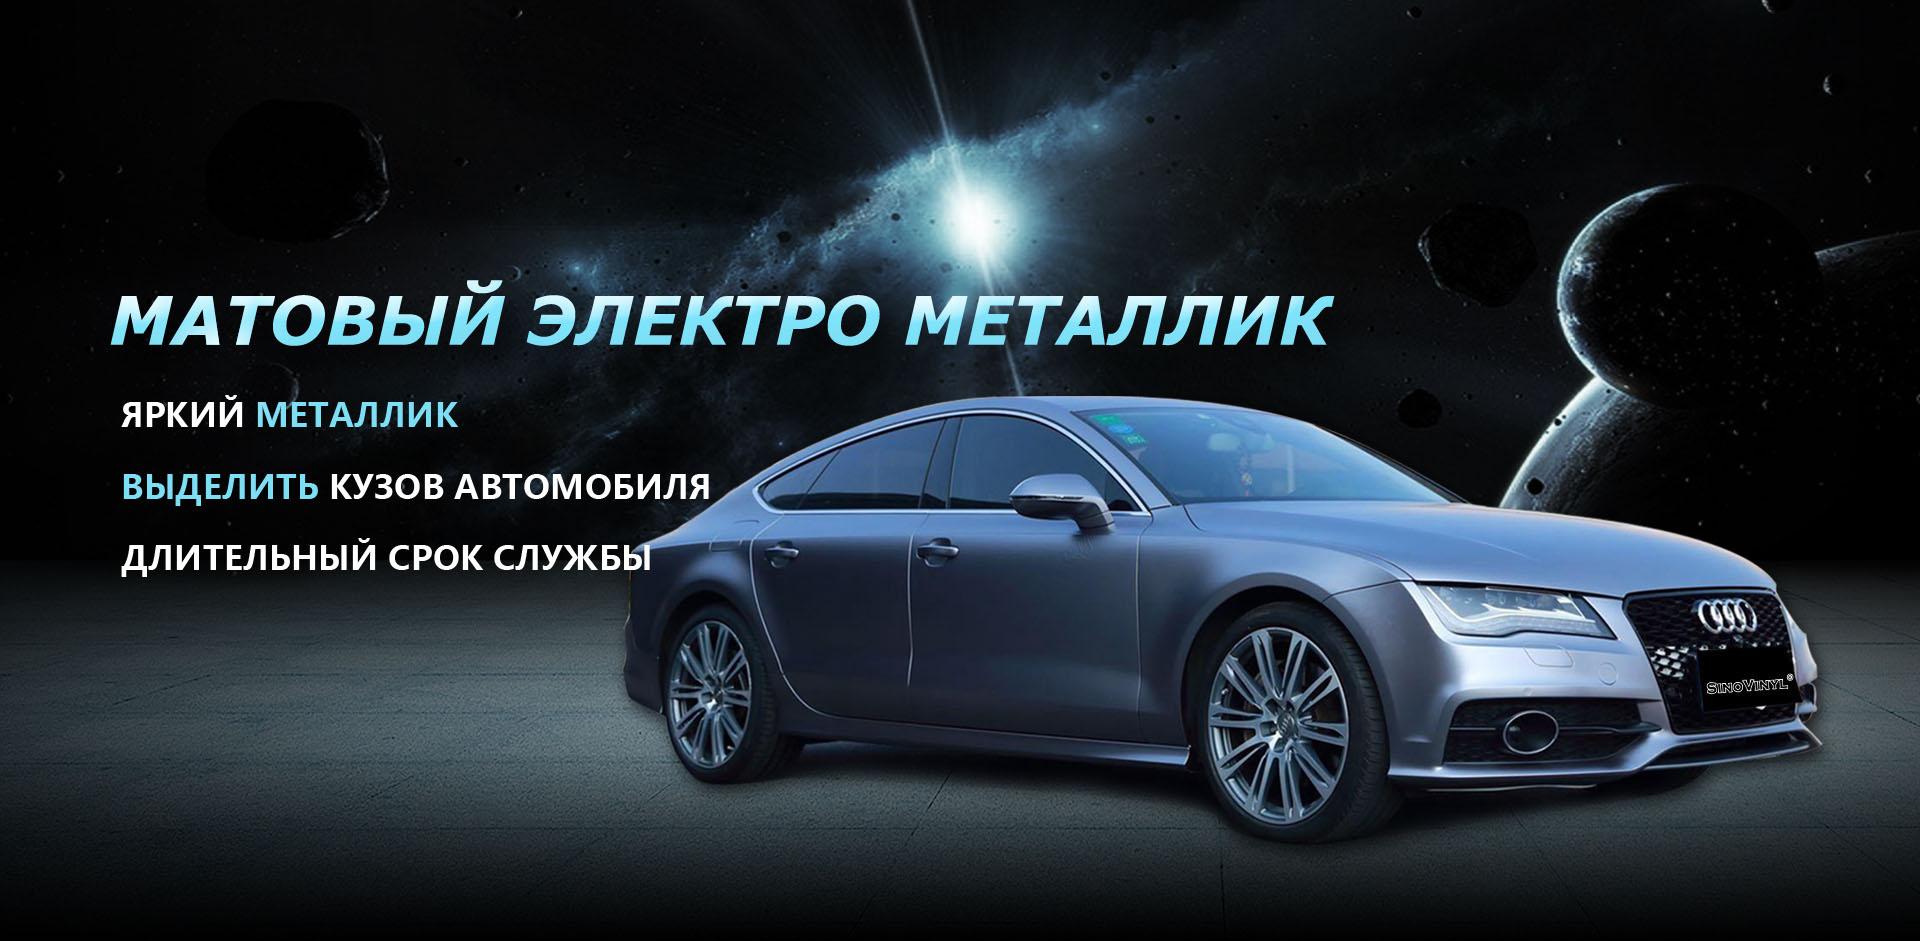 CARLIKE CL-EM Матовый Электро Металлик Виниловая автомобильная пленка